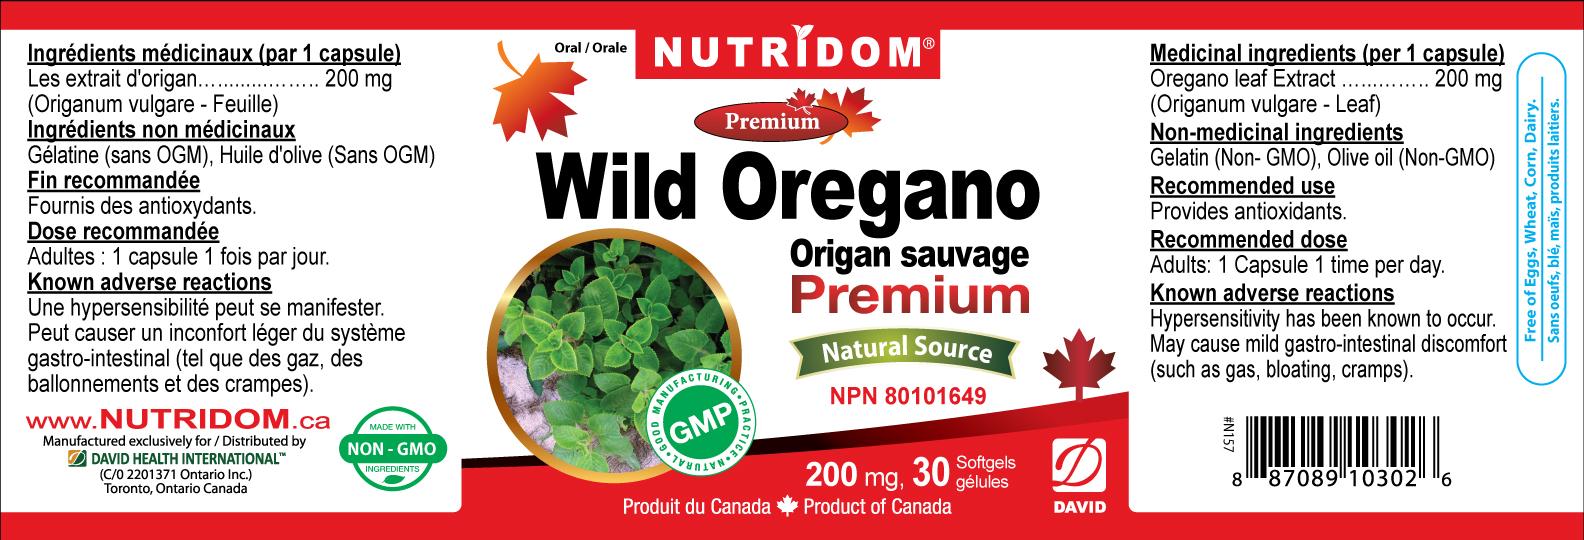 Nutridom Wild Oregano 200mg 30 Softgels